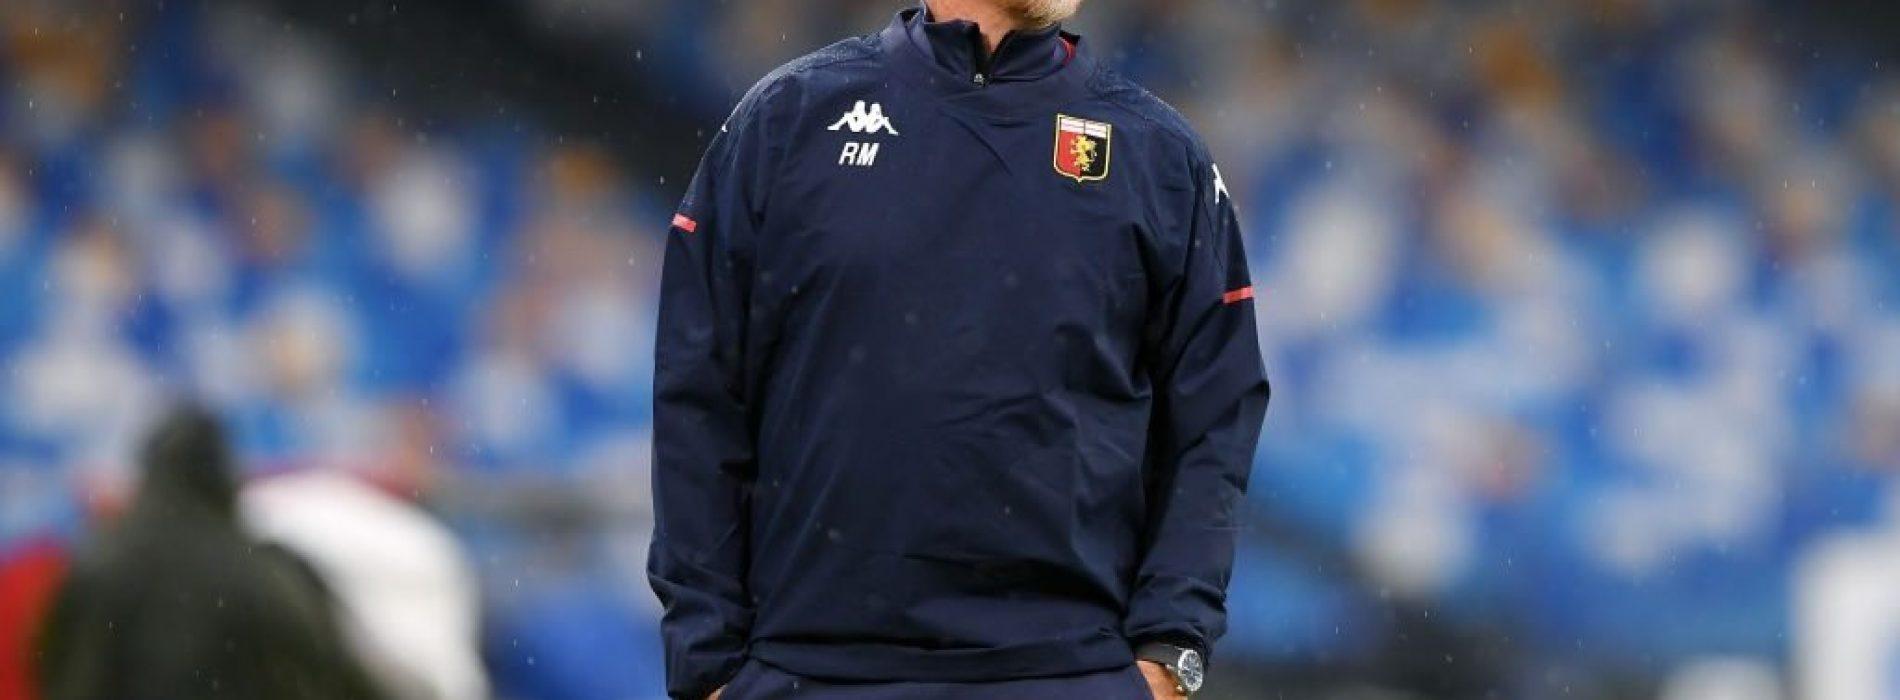 Maran esonerato: Per la panchina del Genoa pronto Ballardini